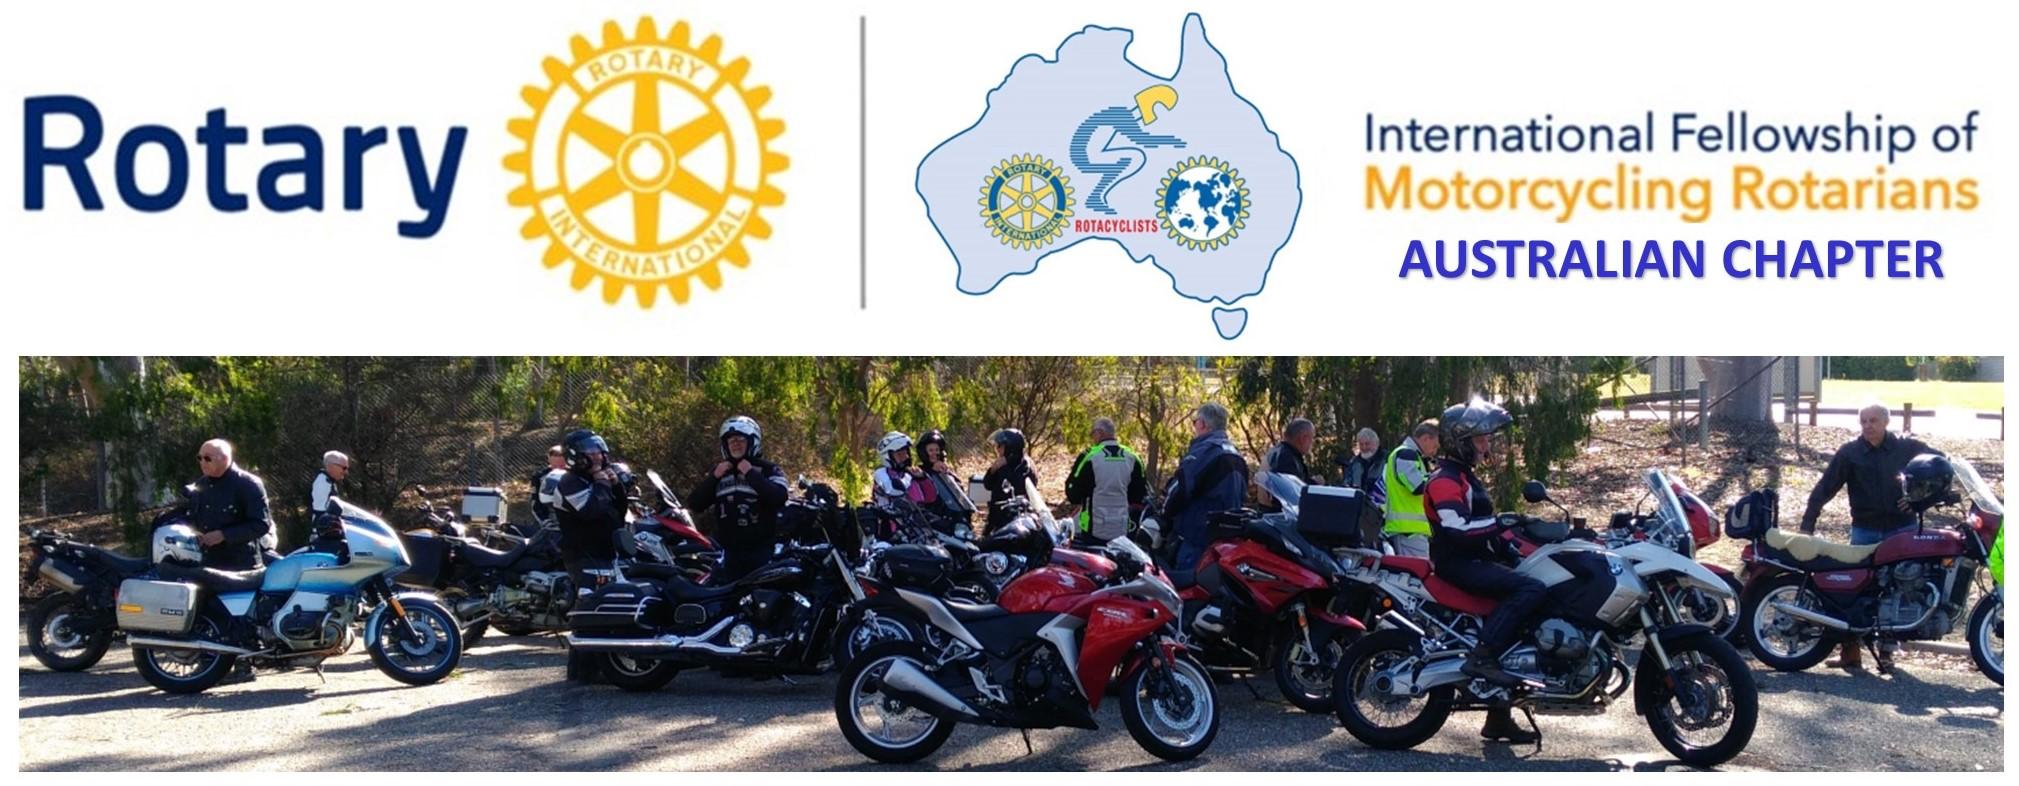 IFMR Australia